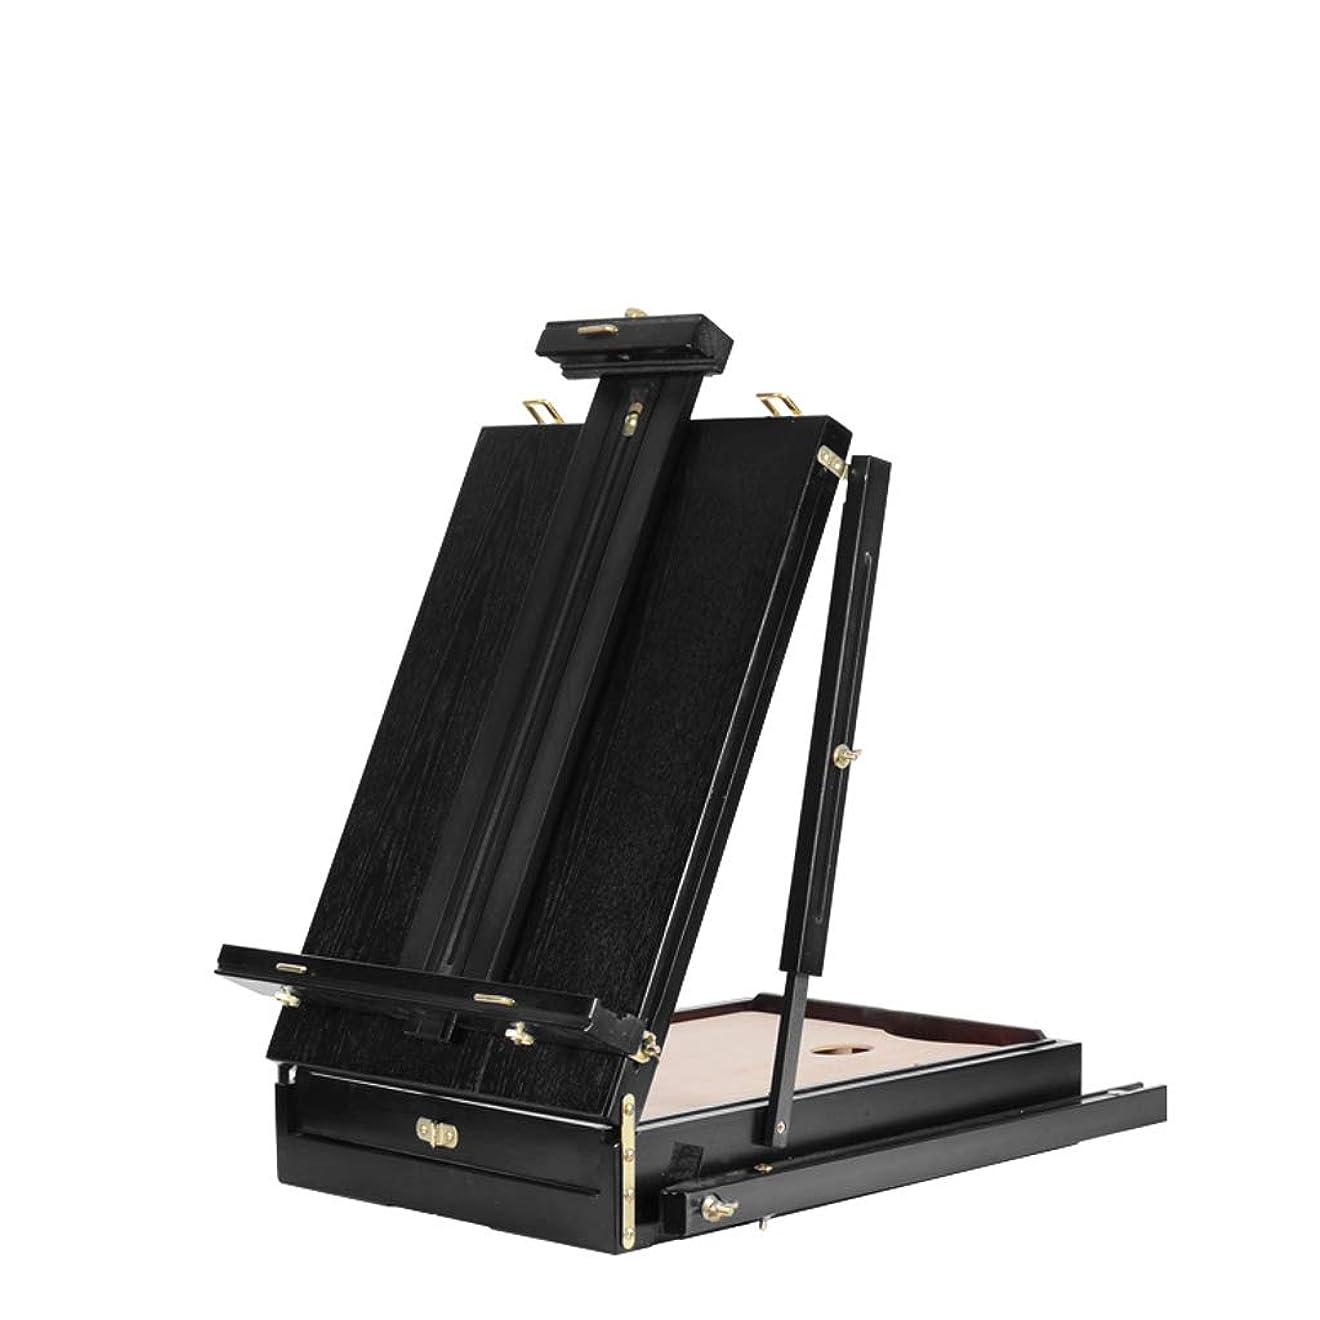 告白する味わう思いやりHBJP 便利な多機能スケッチ油絵箱、大人用の収納に便利な折りたたみ式油絵フレーム、56 * 34 * 11 cm イーゼル